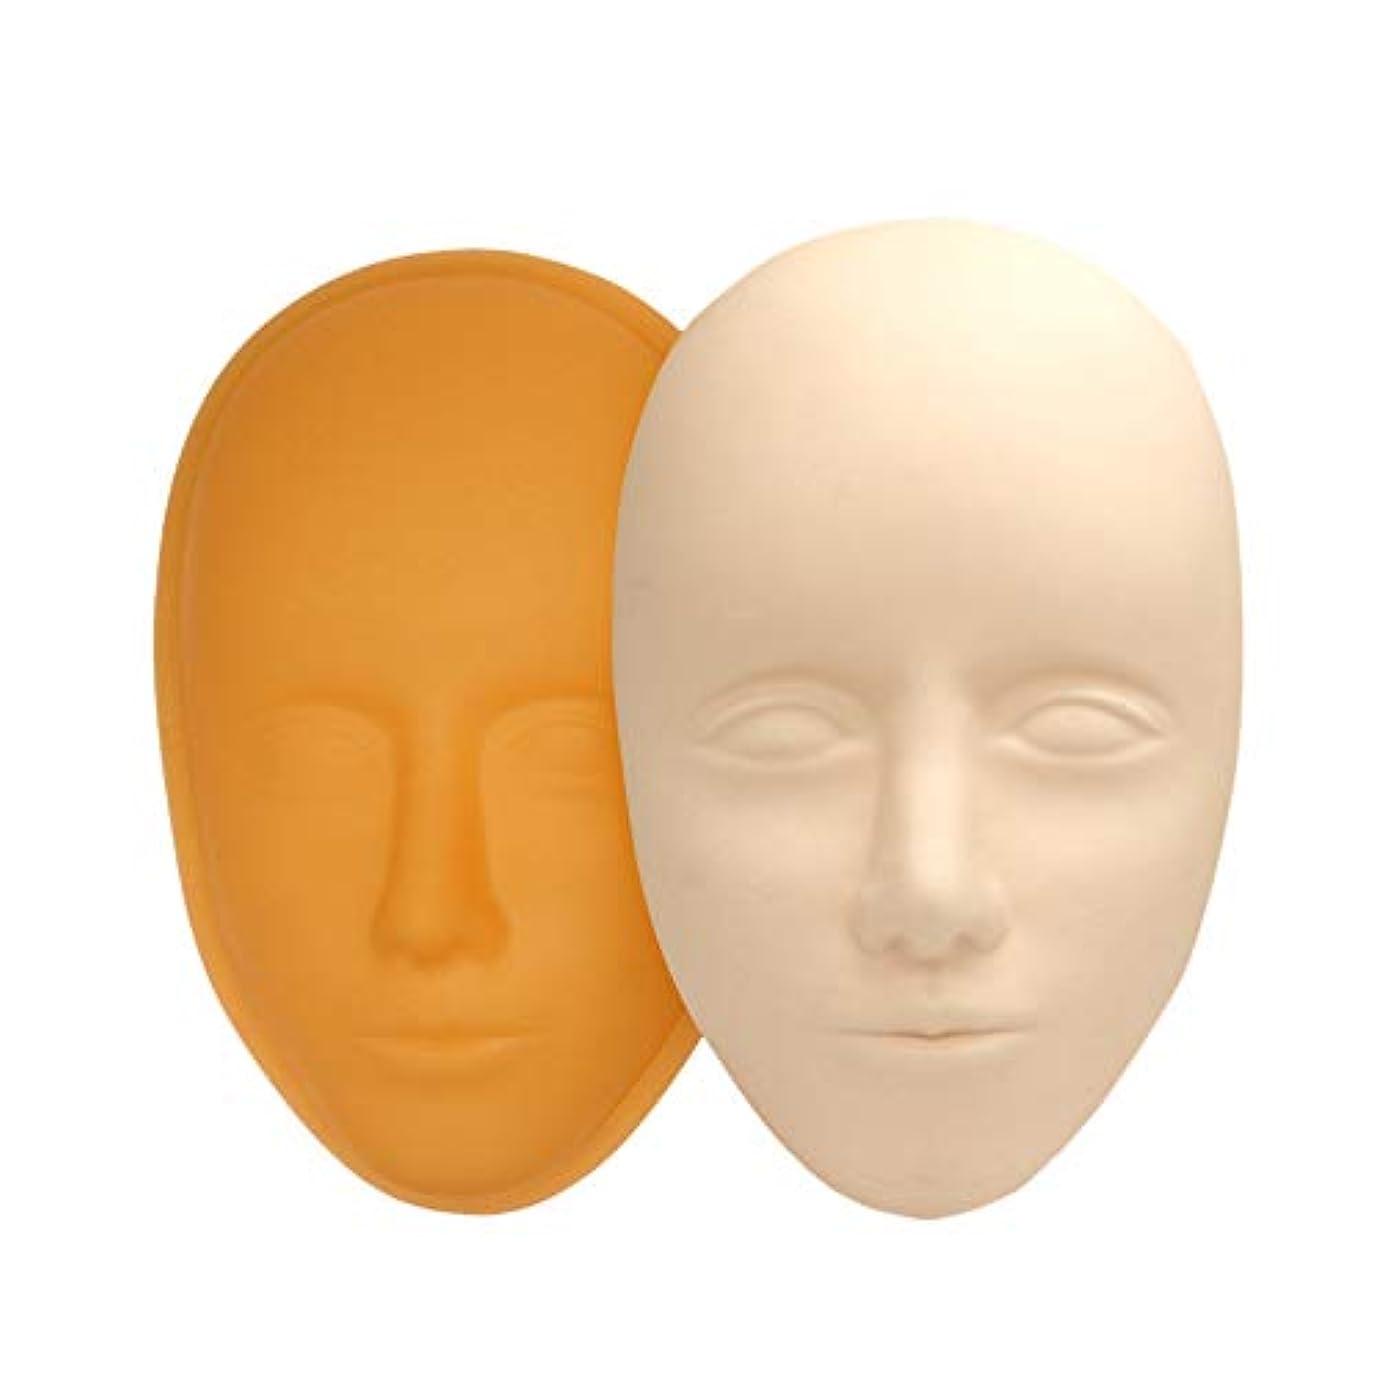 マイルクロニクル機動SODIAL 5D フェイシャル トレーニングのヘッド シリコン 練習用パーマネント化粧リップとアイブローのスキン マネキン人形 フェイス ヘッド